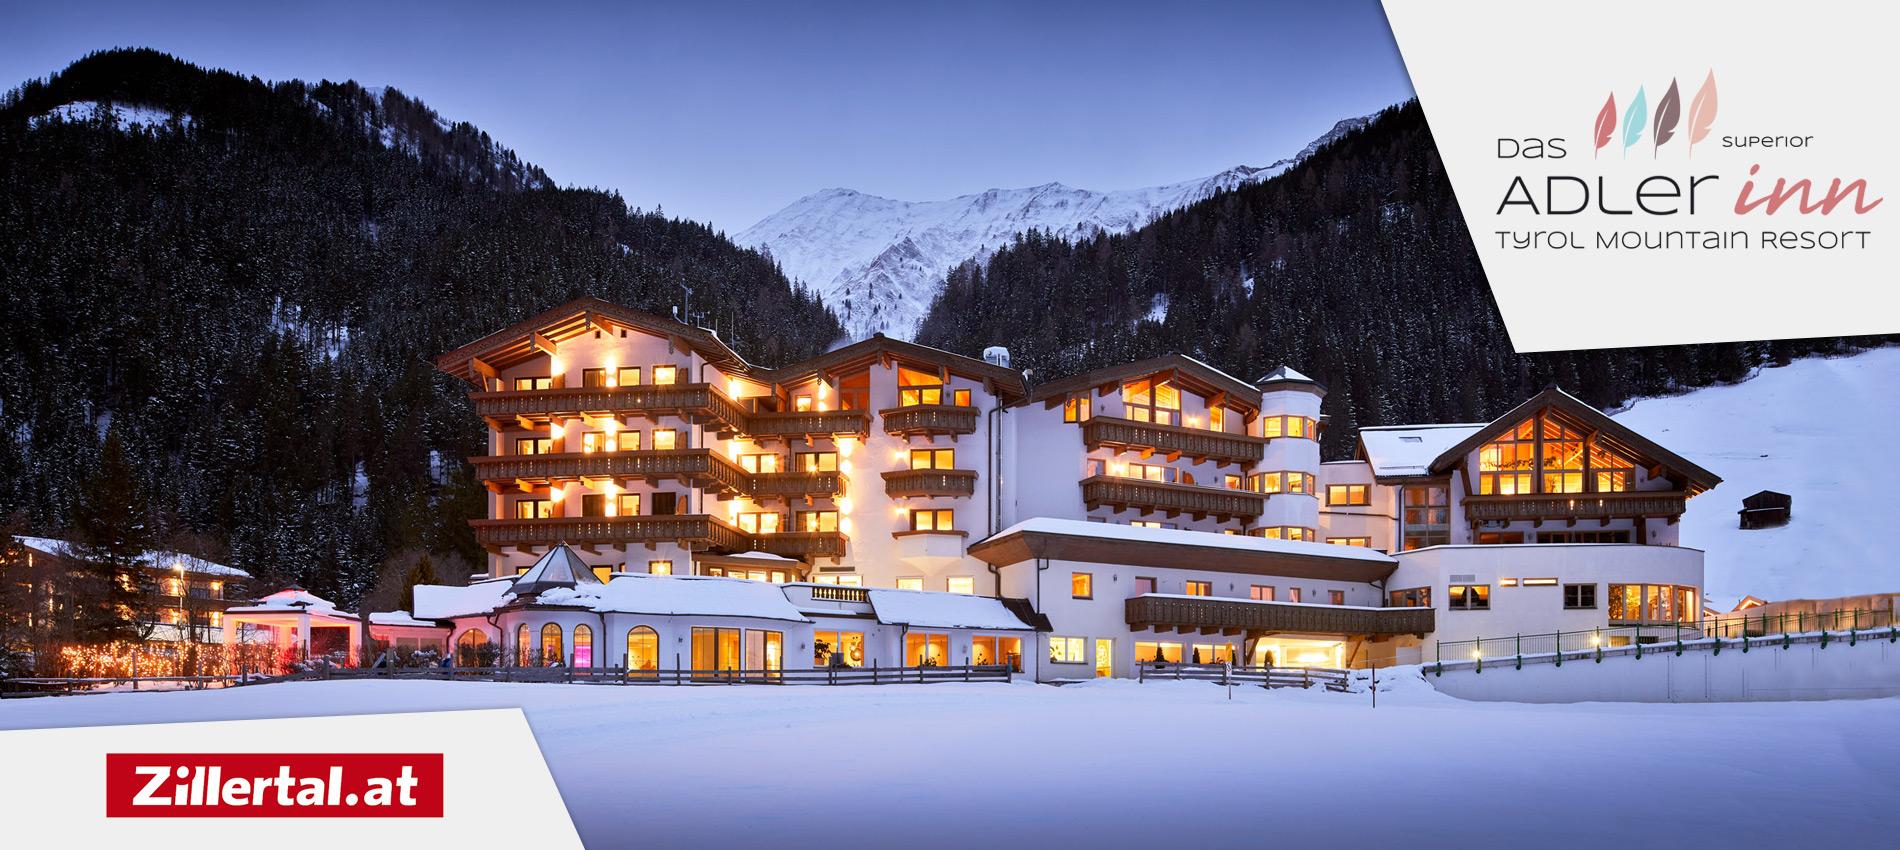 das-adler-inn-tyrol-mountain-resort